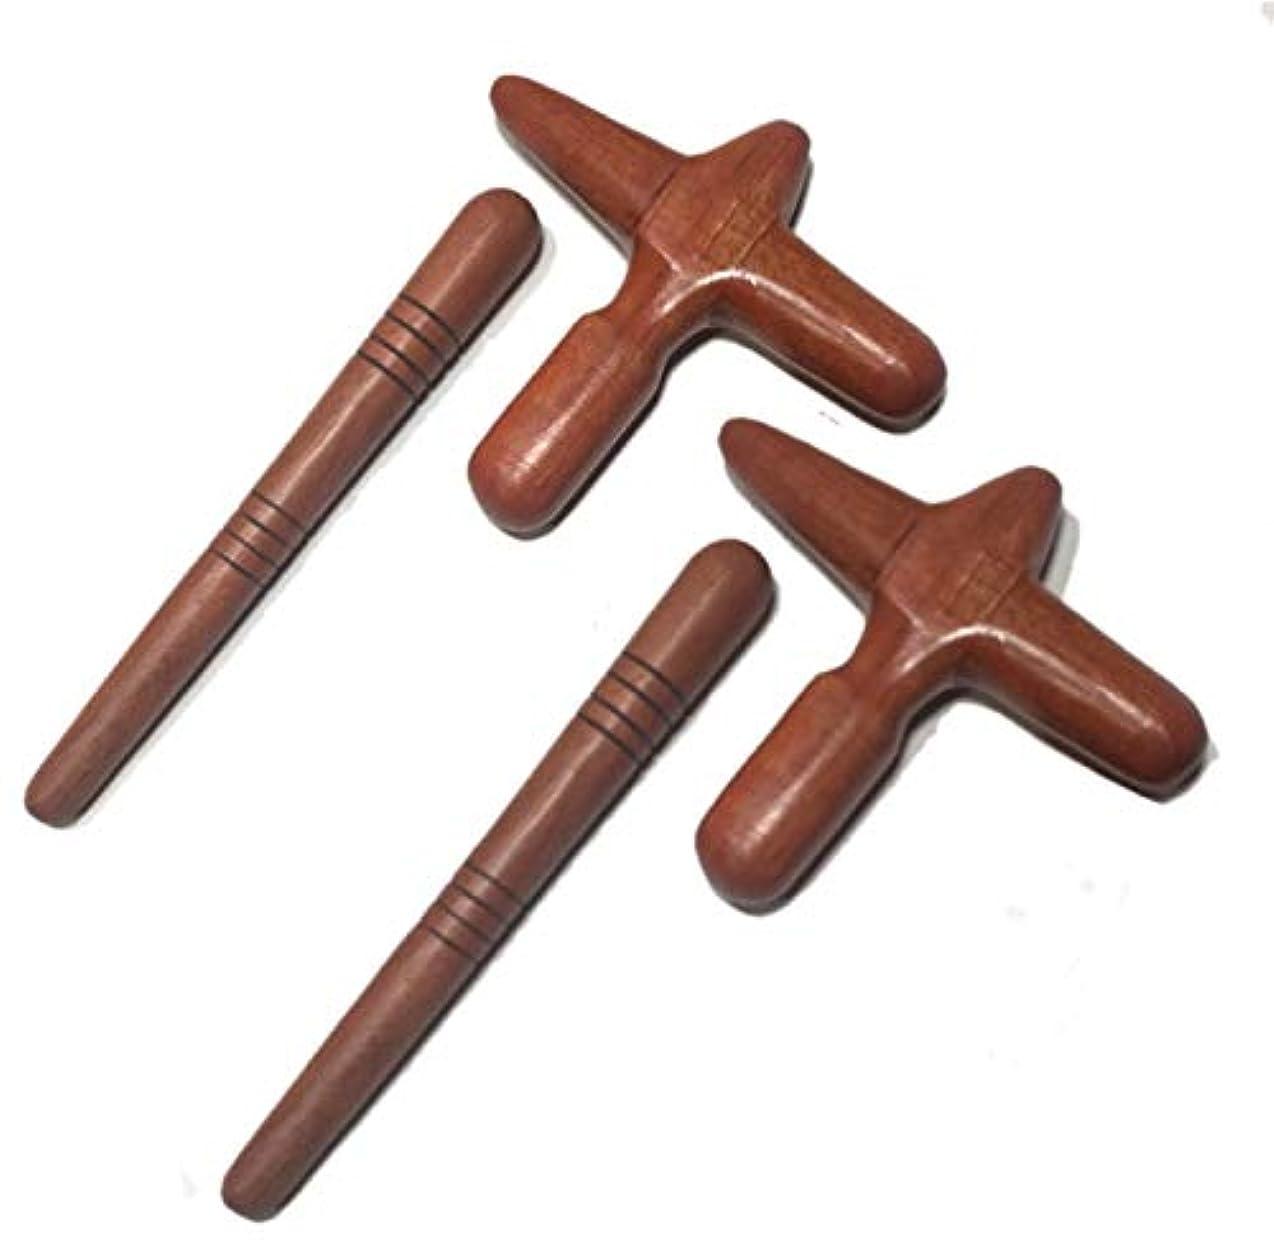 入浴接触抜け目がない木製 ツボ押し棒 2種類×2セット 足裏マッサージ棒 足つぼ フットマッサージ棒 (2)